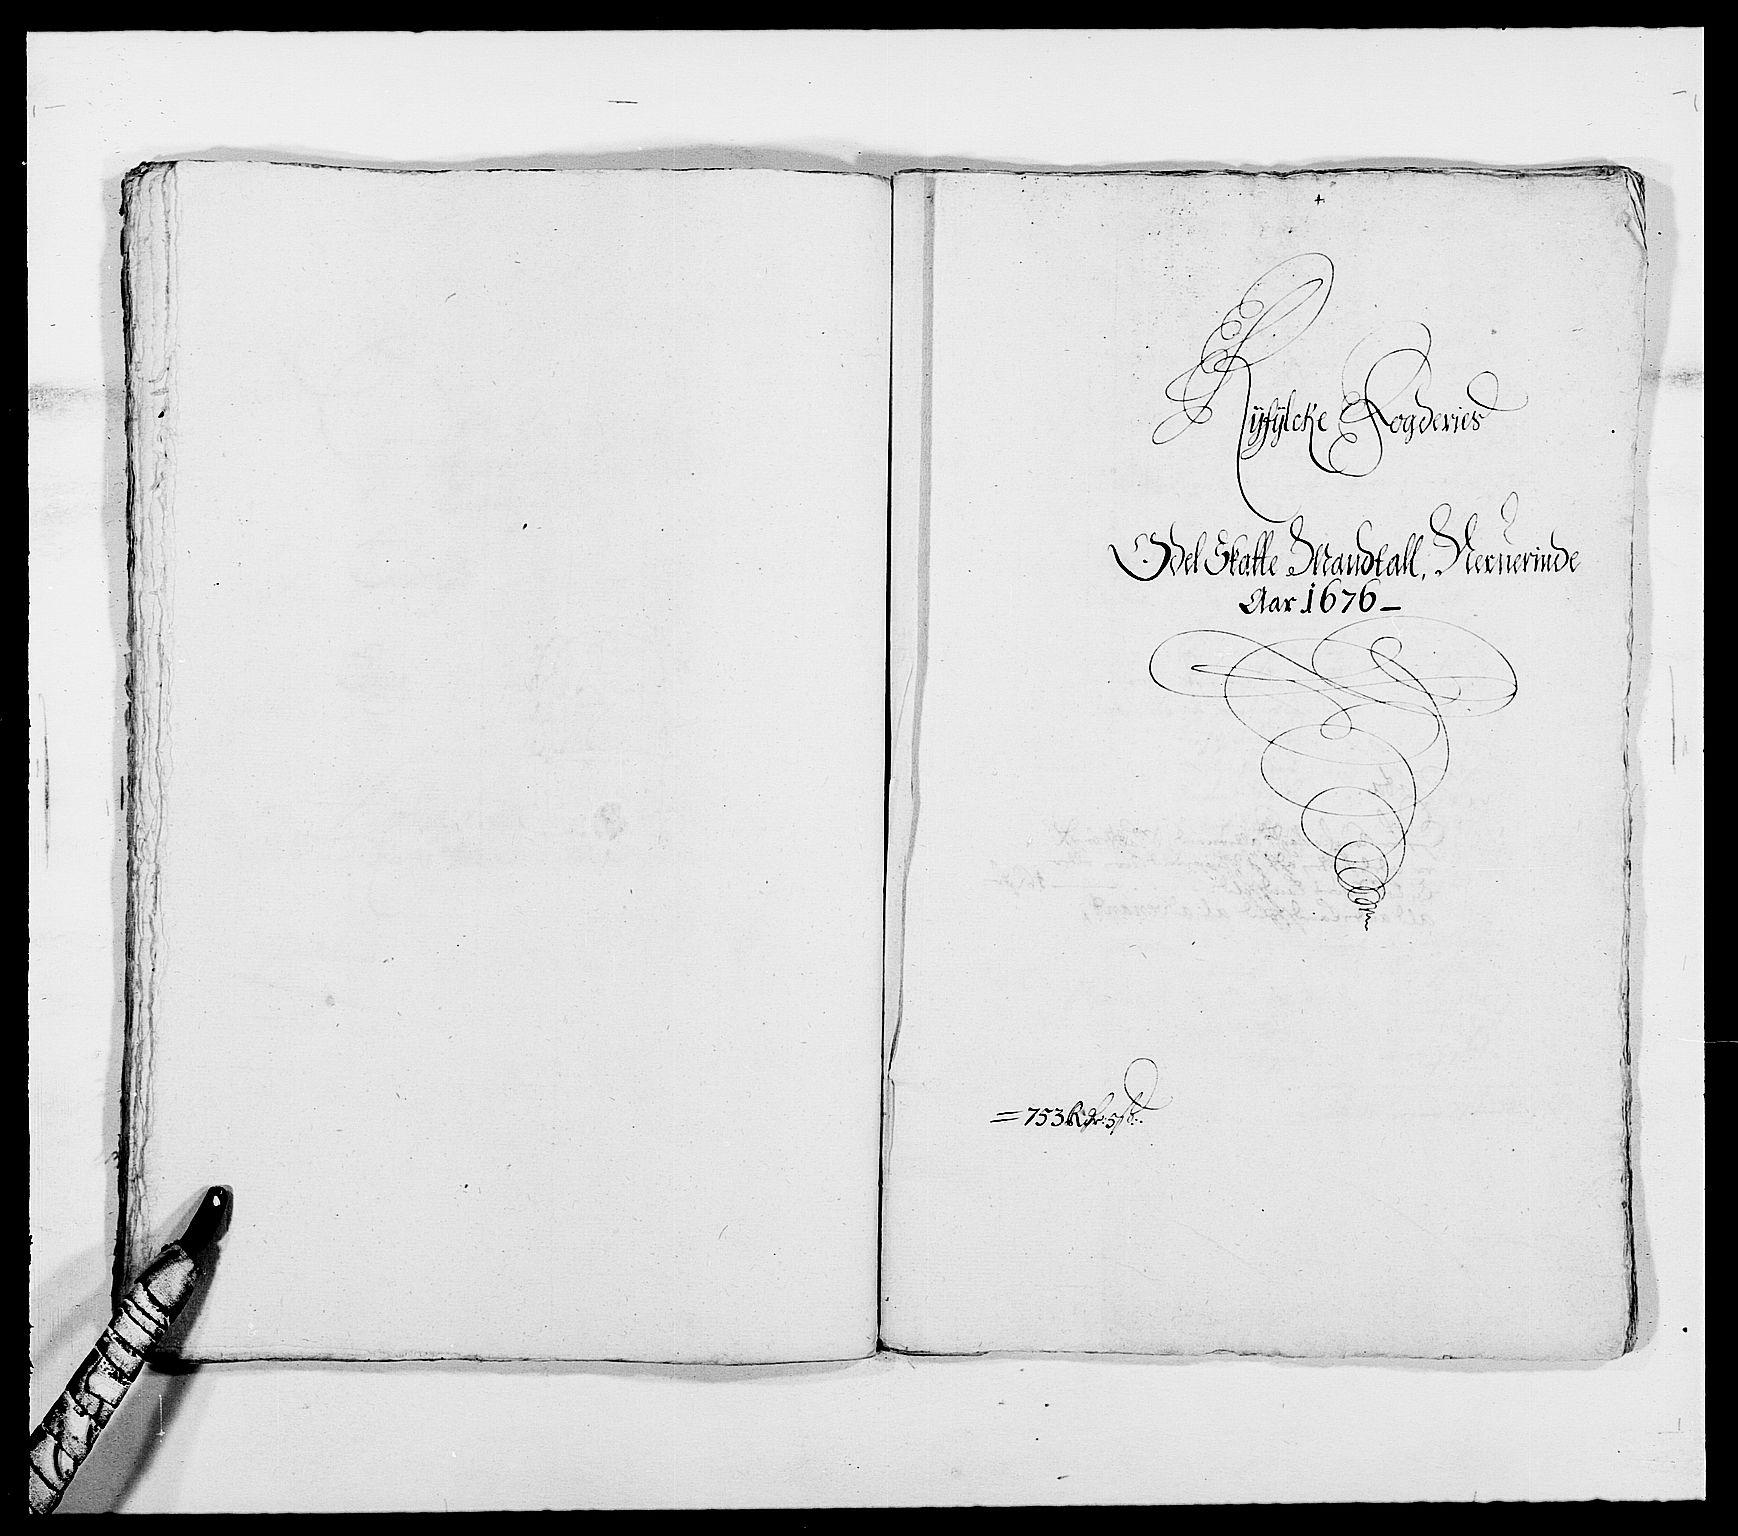 RA, Rentekammeret inntil 1814, Reviderte regnskaper, Fogderegnskap, R47/L2846: Fogderegnskap Ryfylke, 1676, s. 50